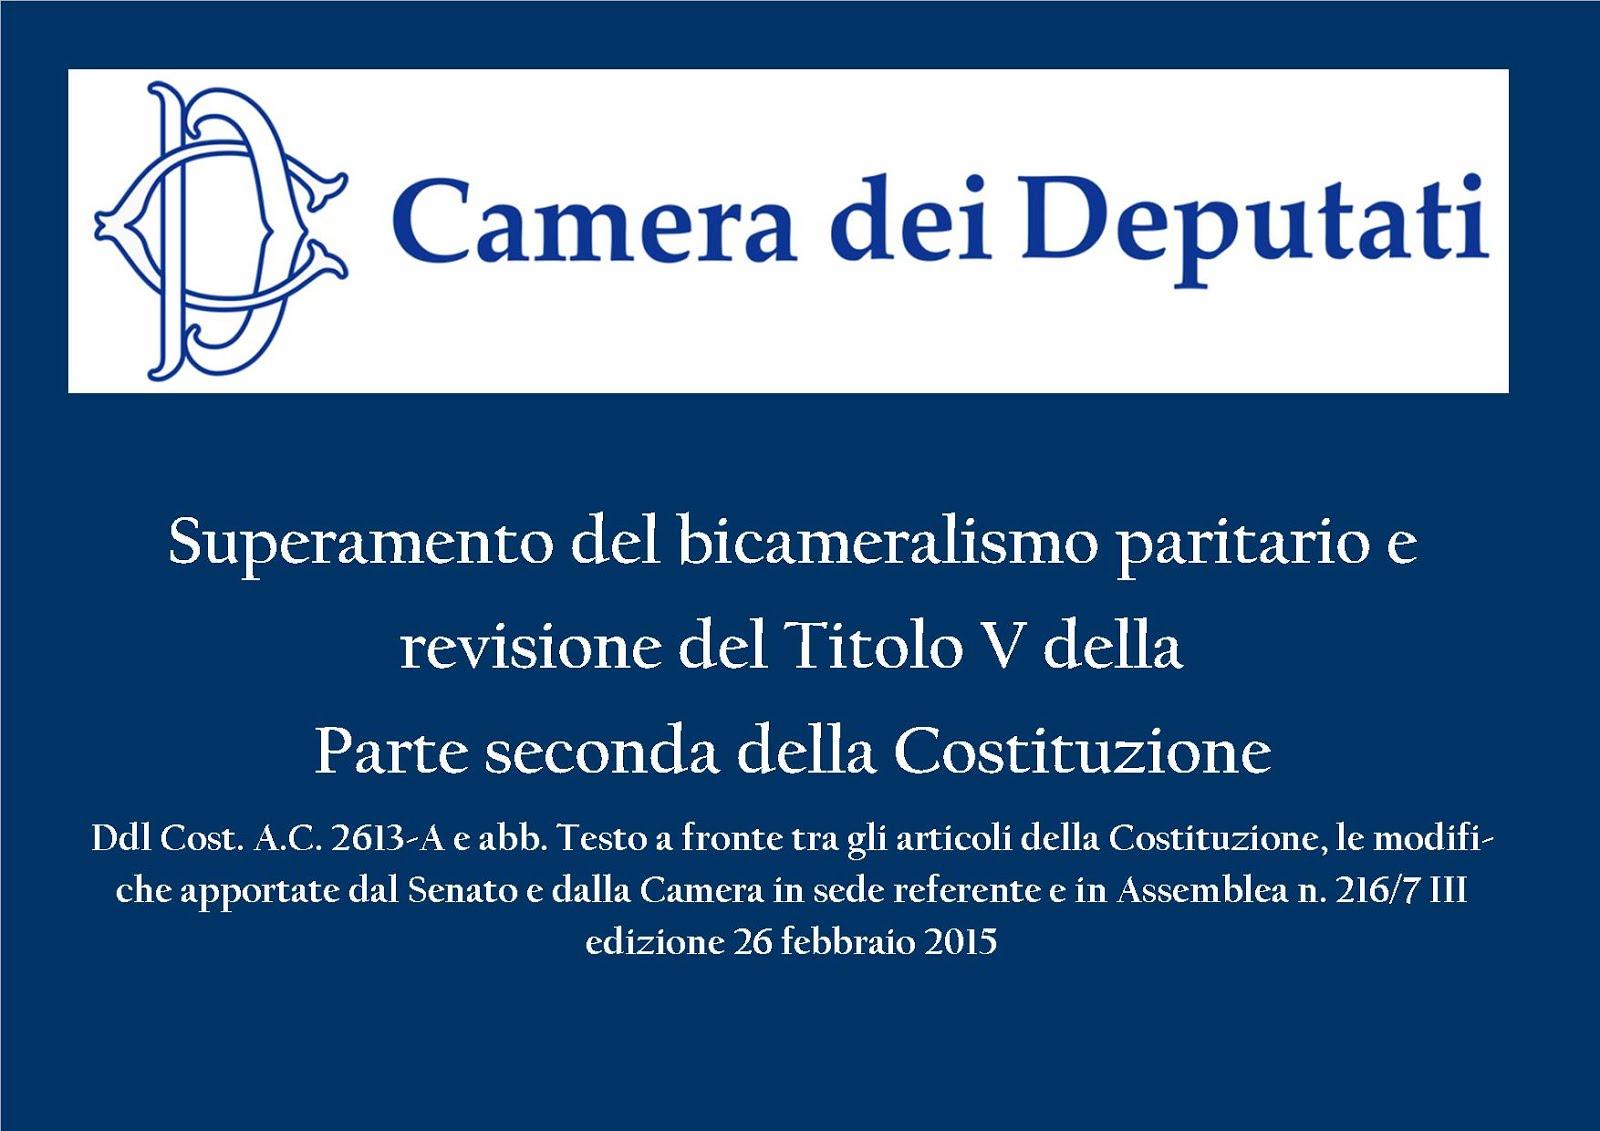 RIFORMA COSTITUZIONALE 2015